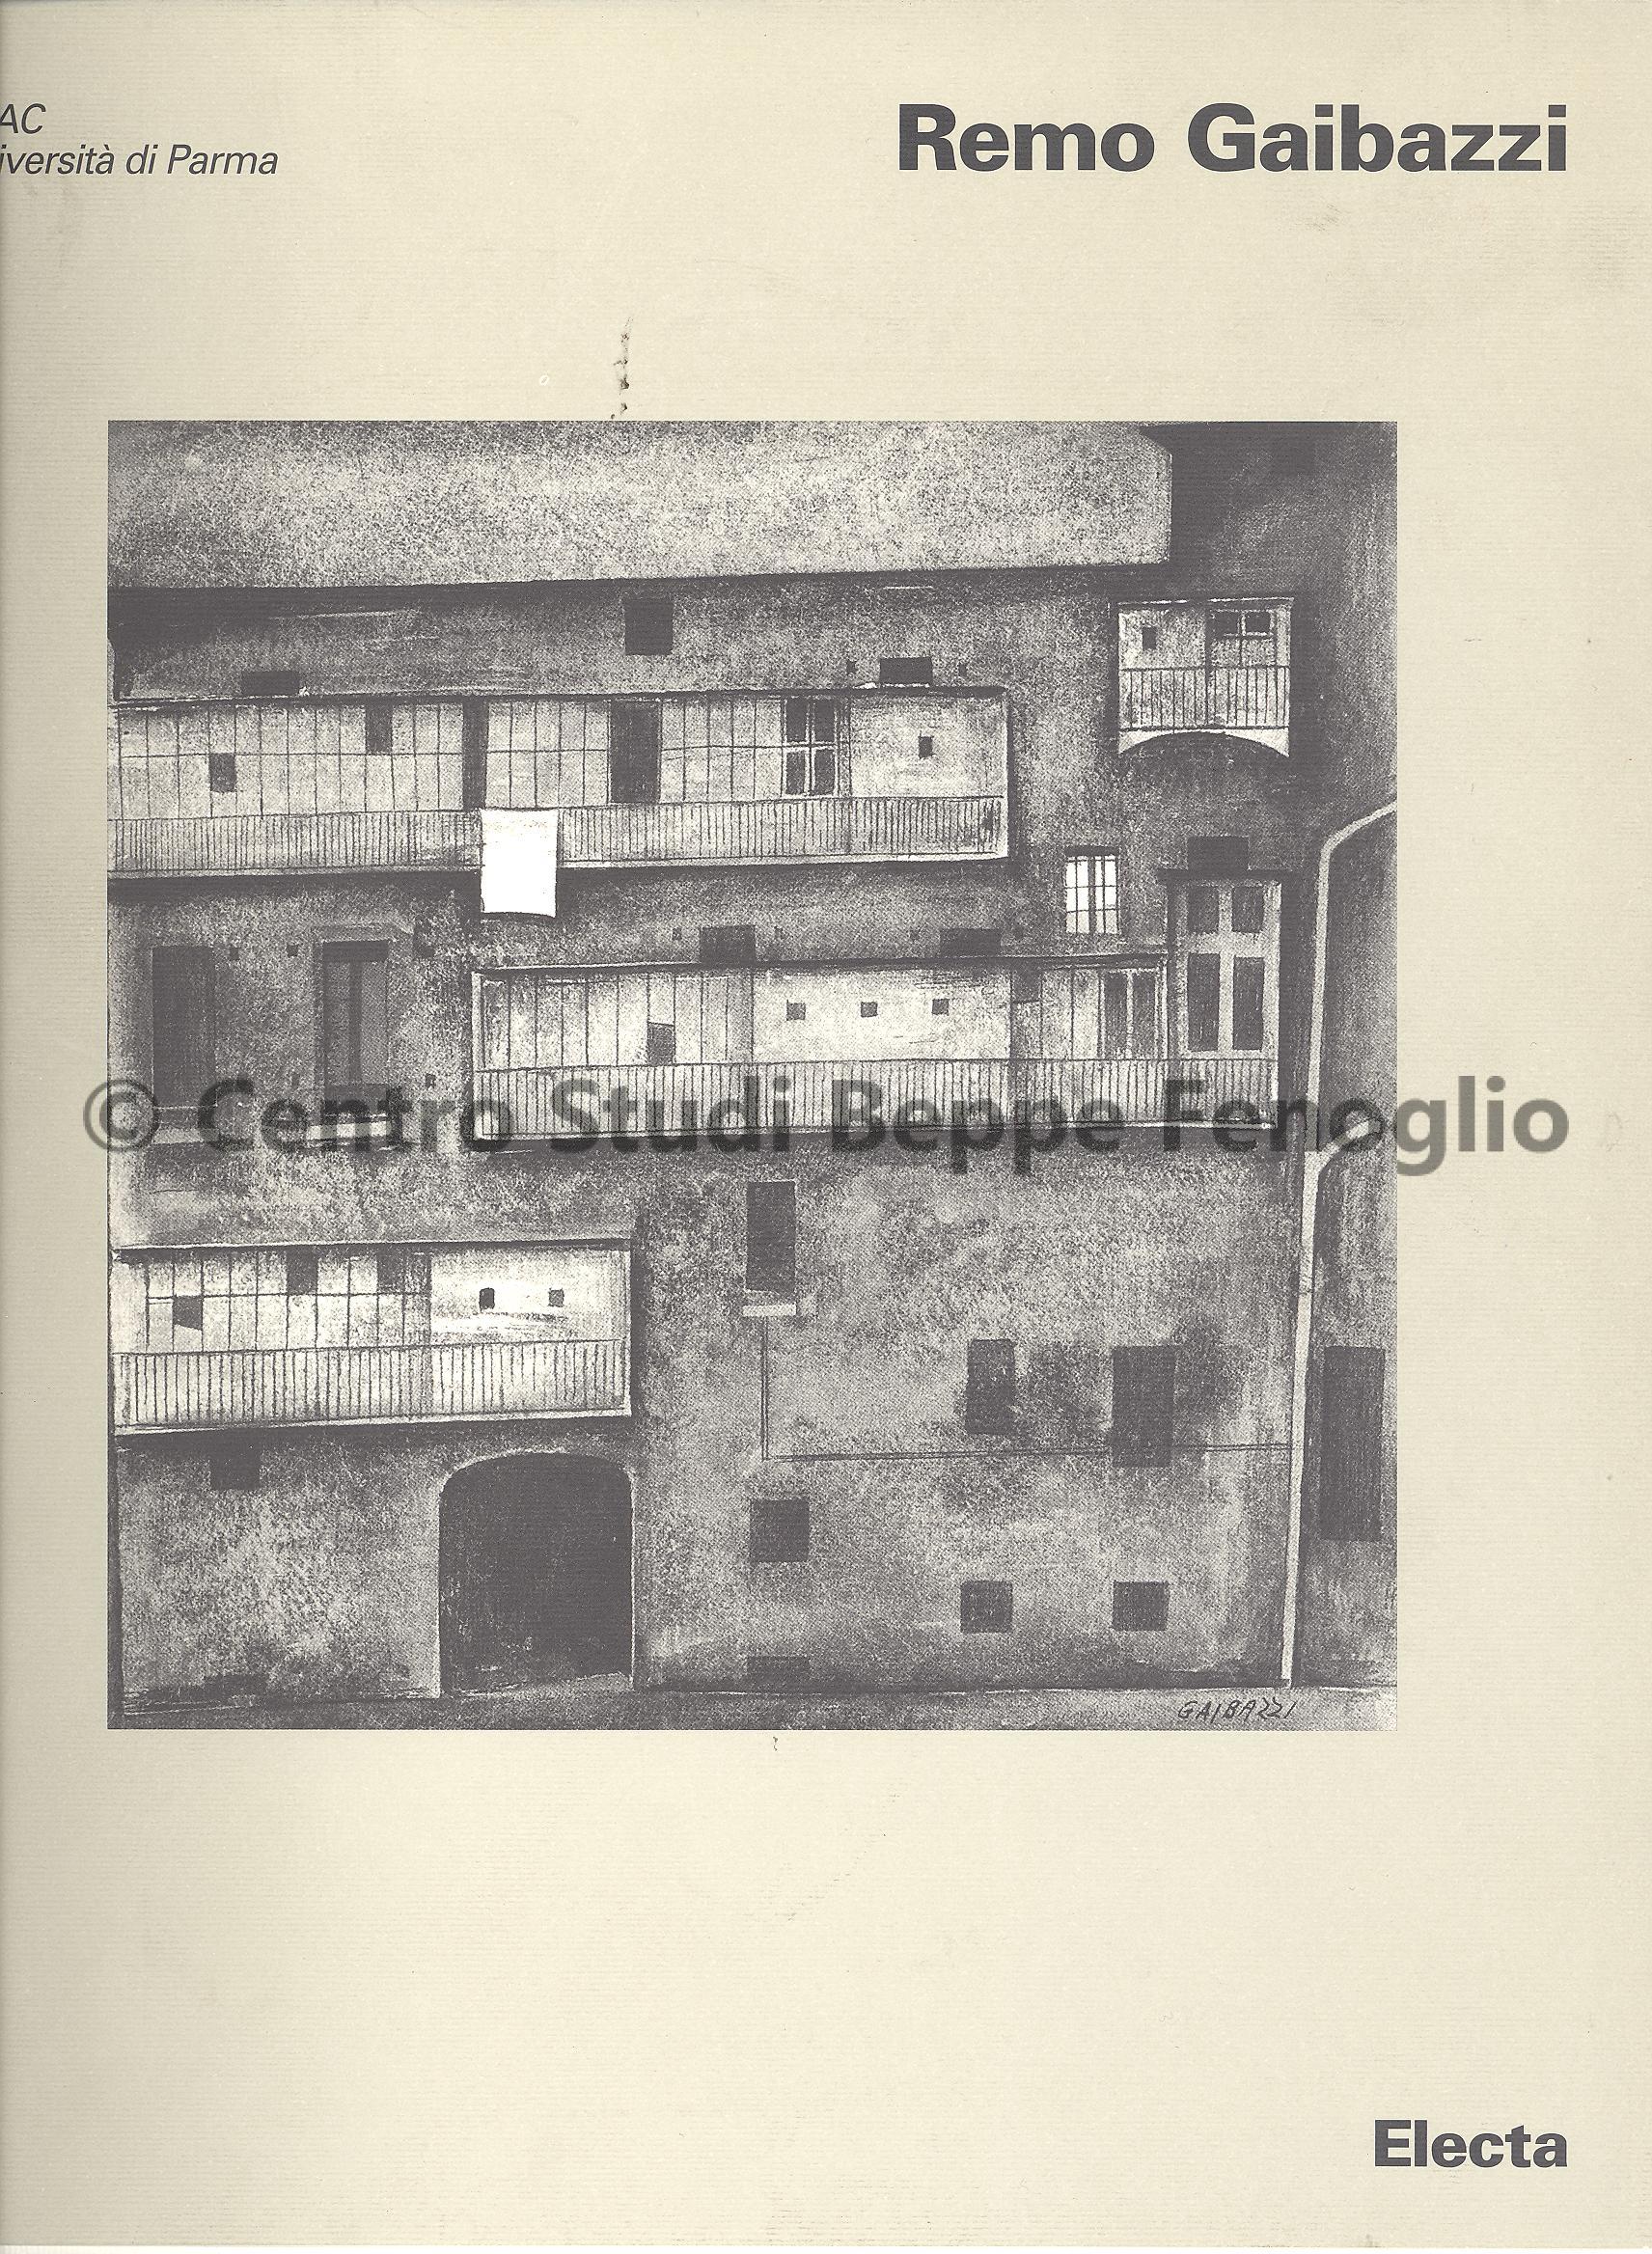 Centro studi beppe fenoglio